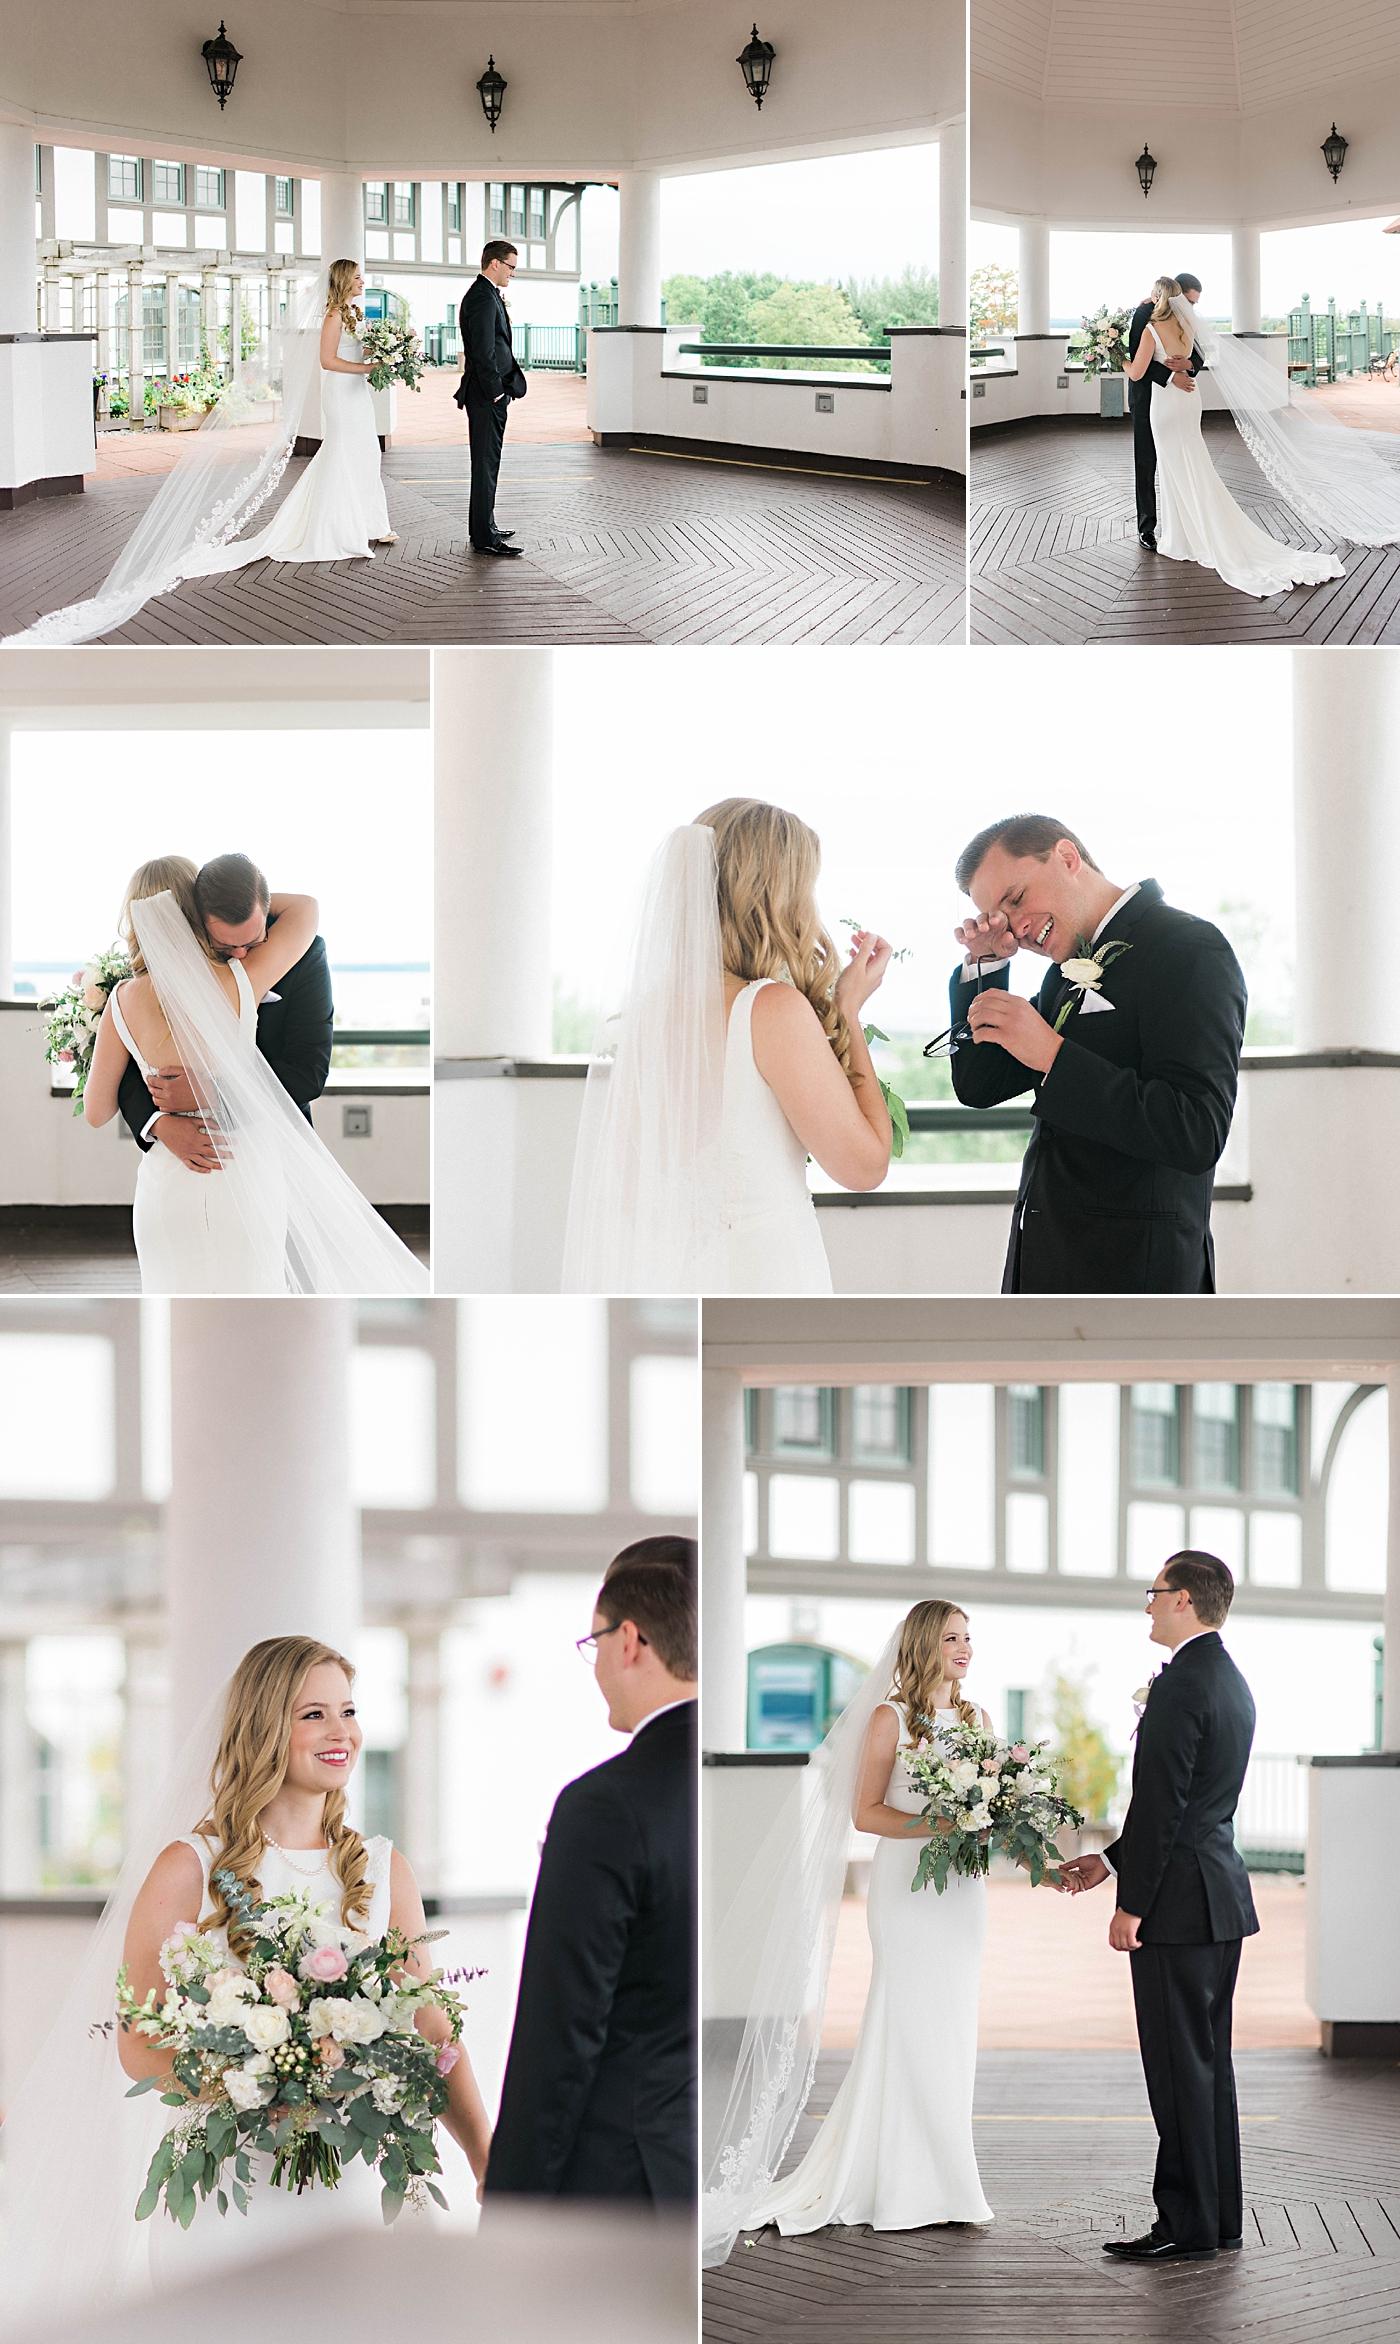 Halifax-Wedding-Photographer-New Brunswick Wedding- Nicolle & Ethan21.jpeg